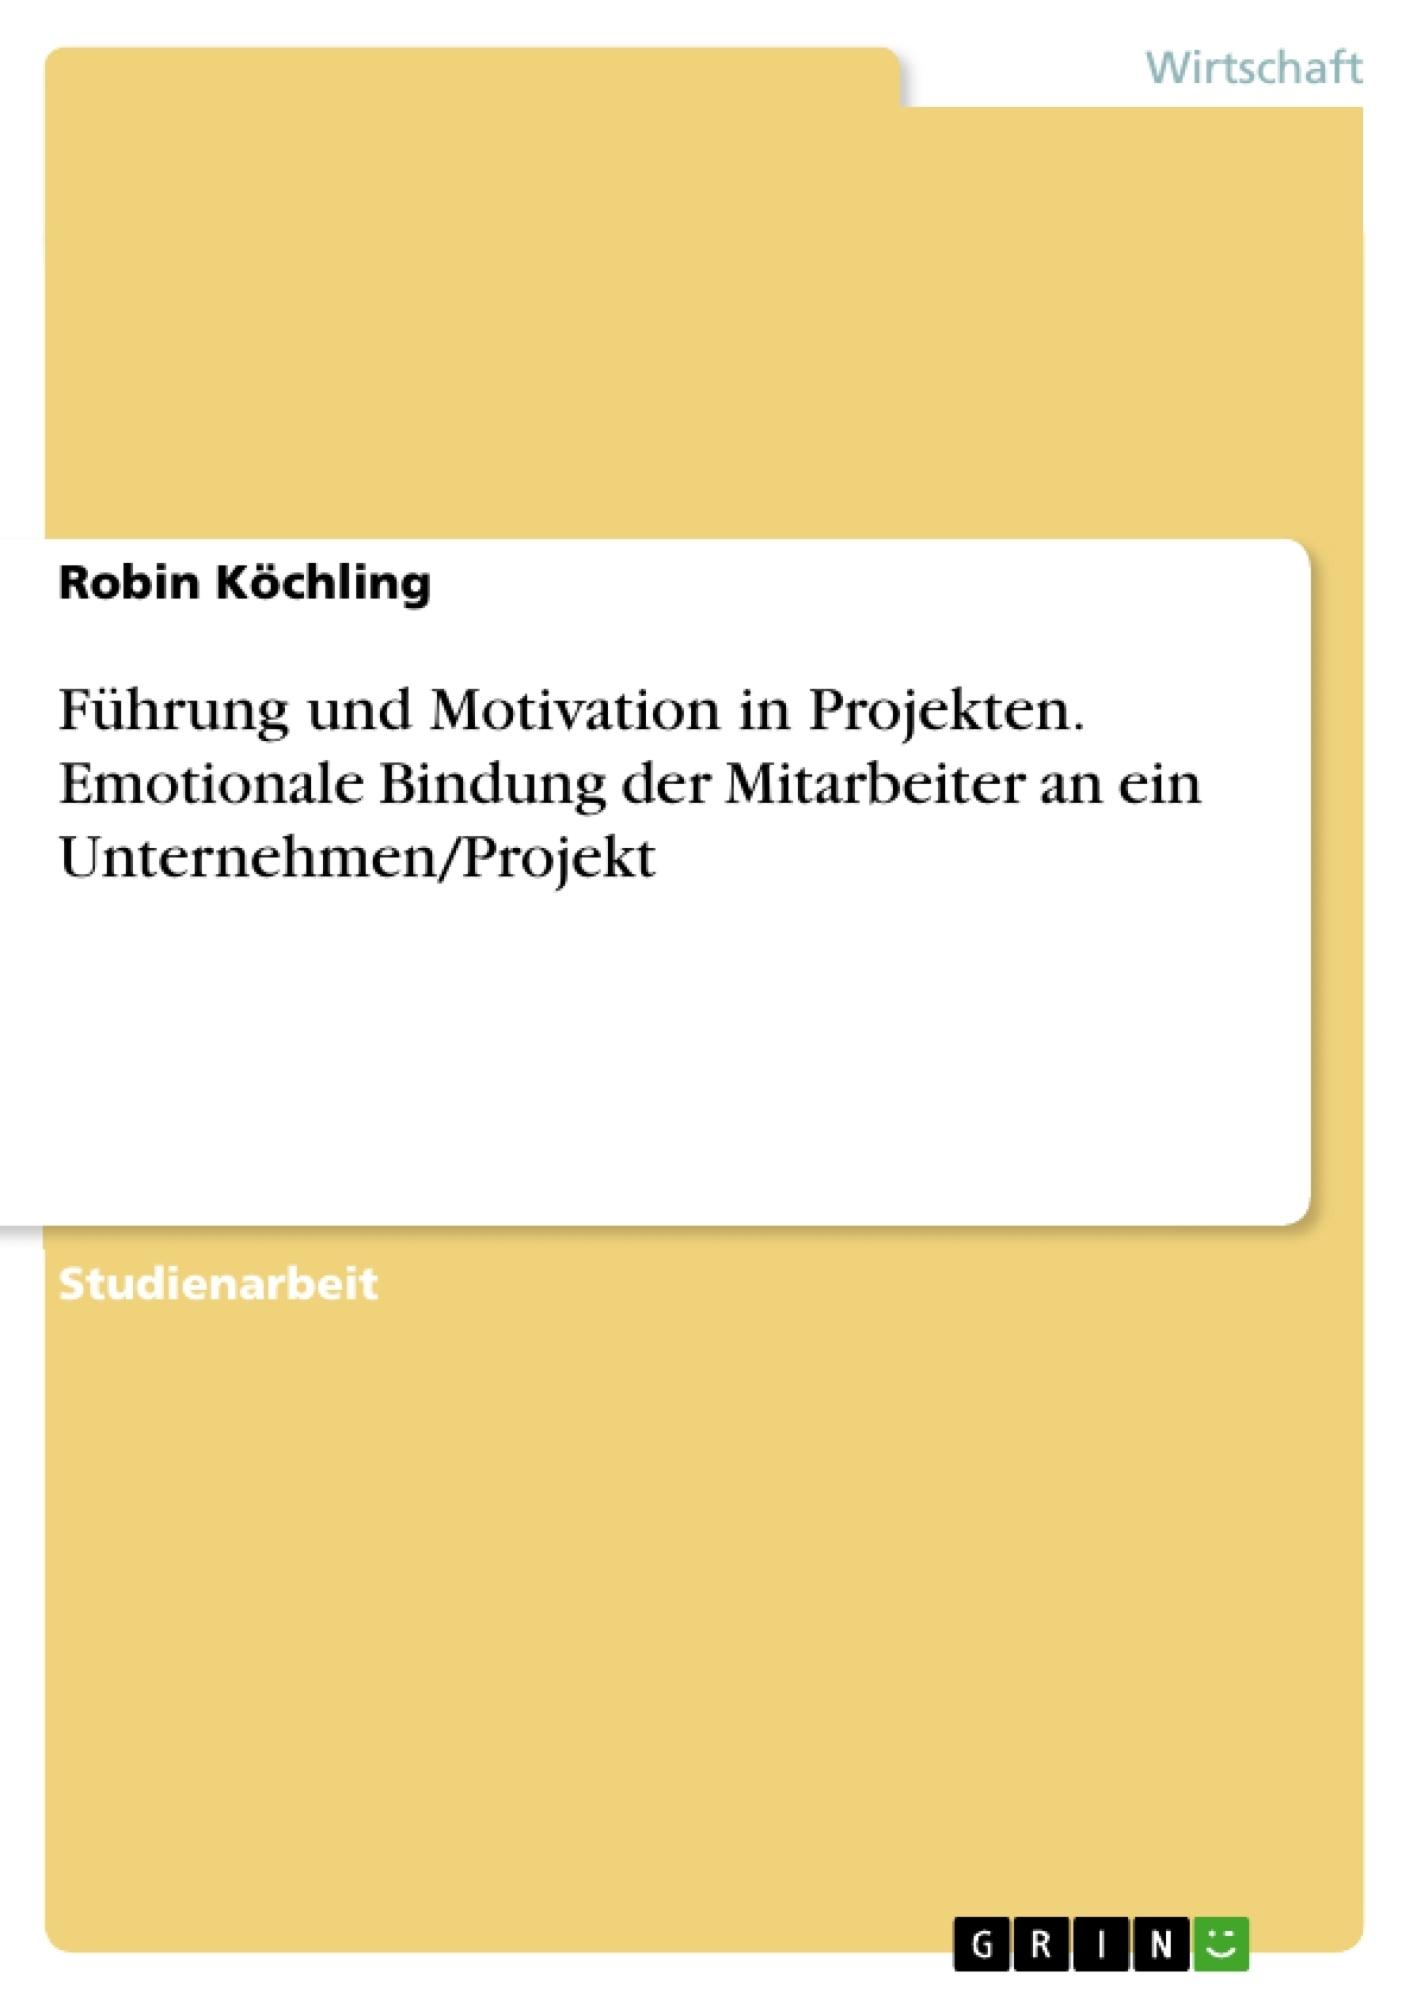 Titel: Führung und Motivation in Projekten. Emotionale Bindung der Mitarbeiter an ein Unternehmen/Projekt